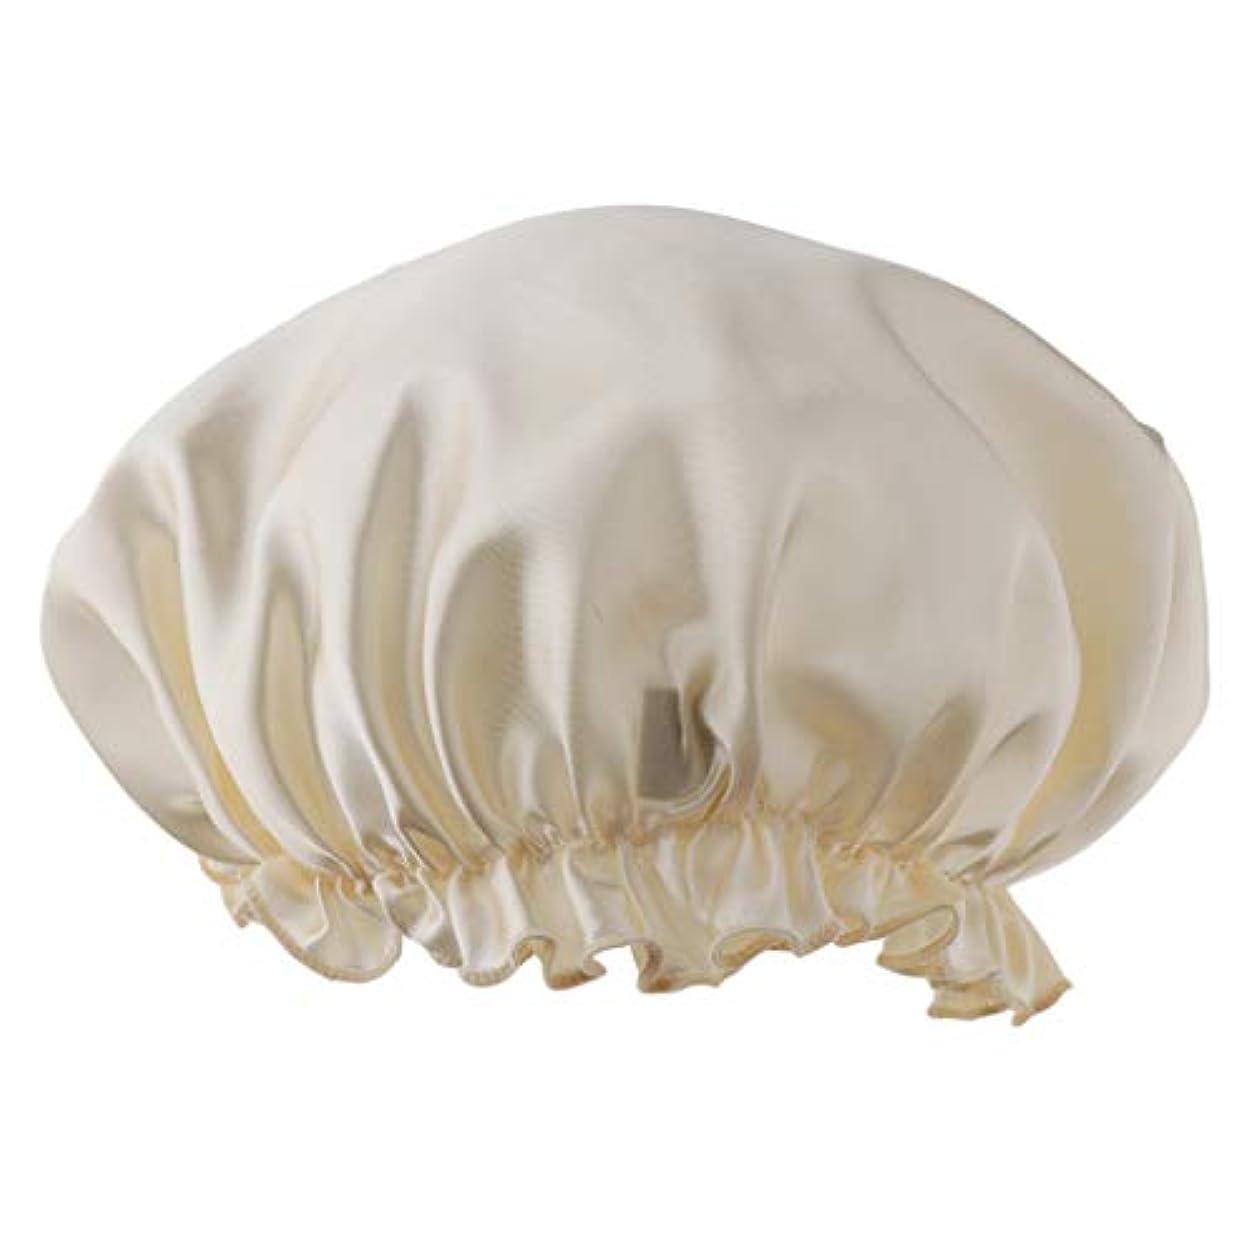 インテリアピンフレットシャワーキャップ シルクサテン 眠り帽子 ヘッドカバー 睡眠キャップ ヘアケア 全8色 - ベージュ